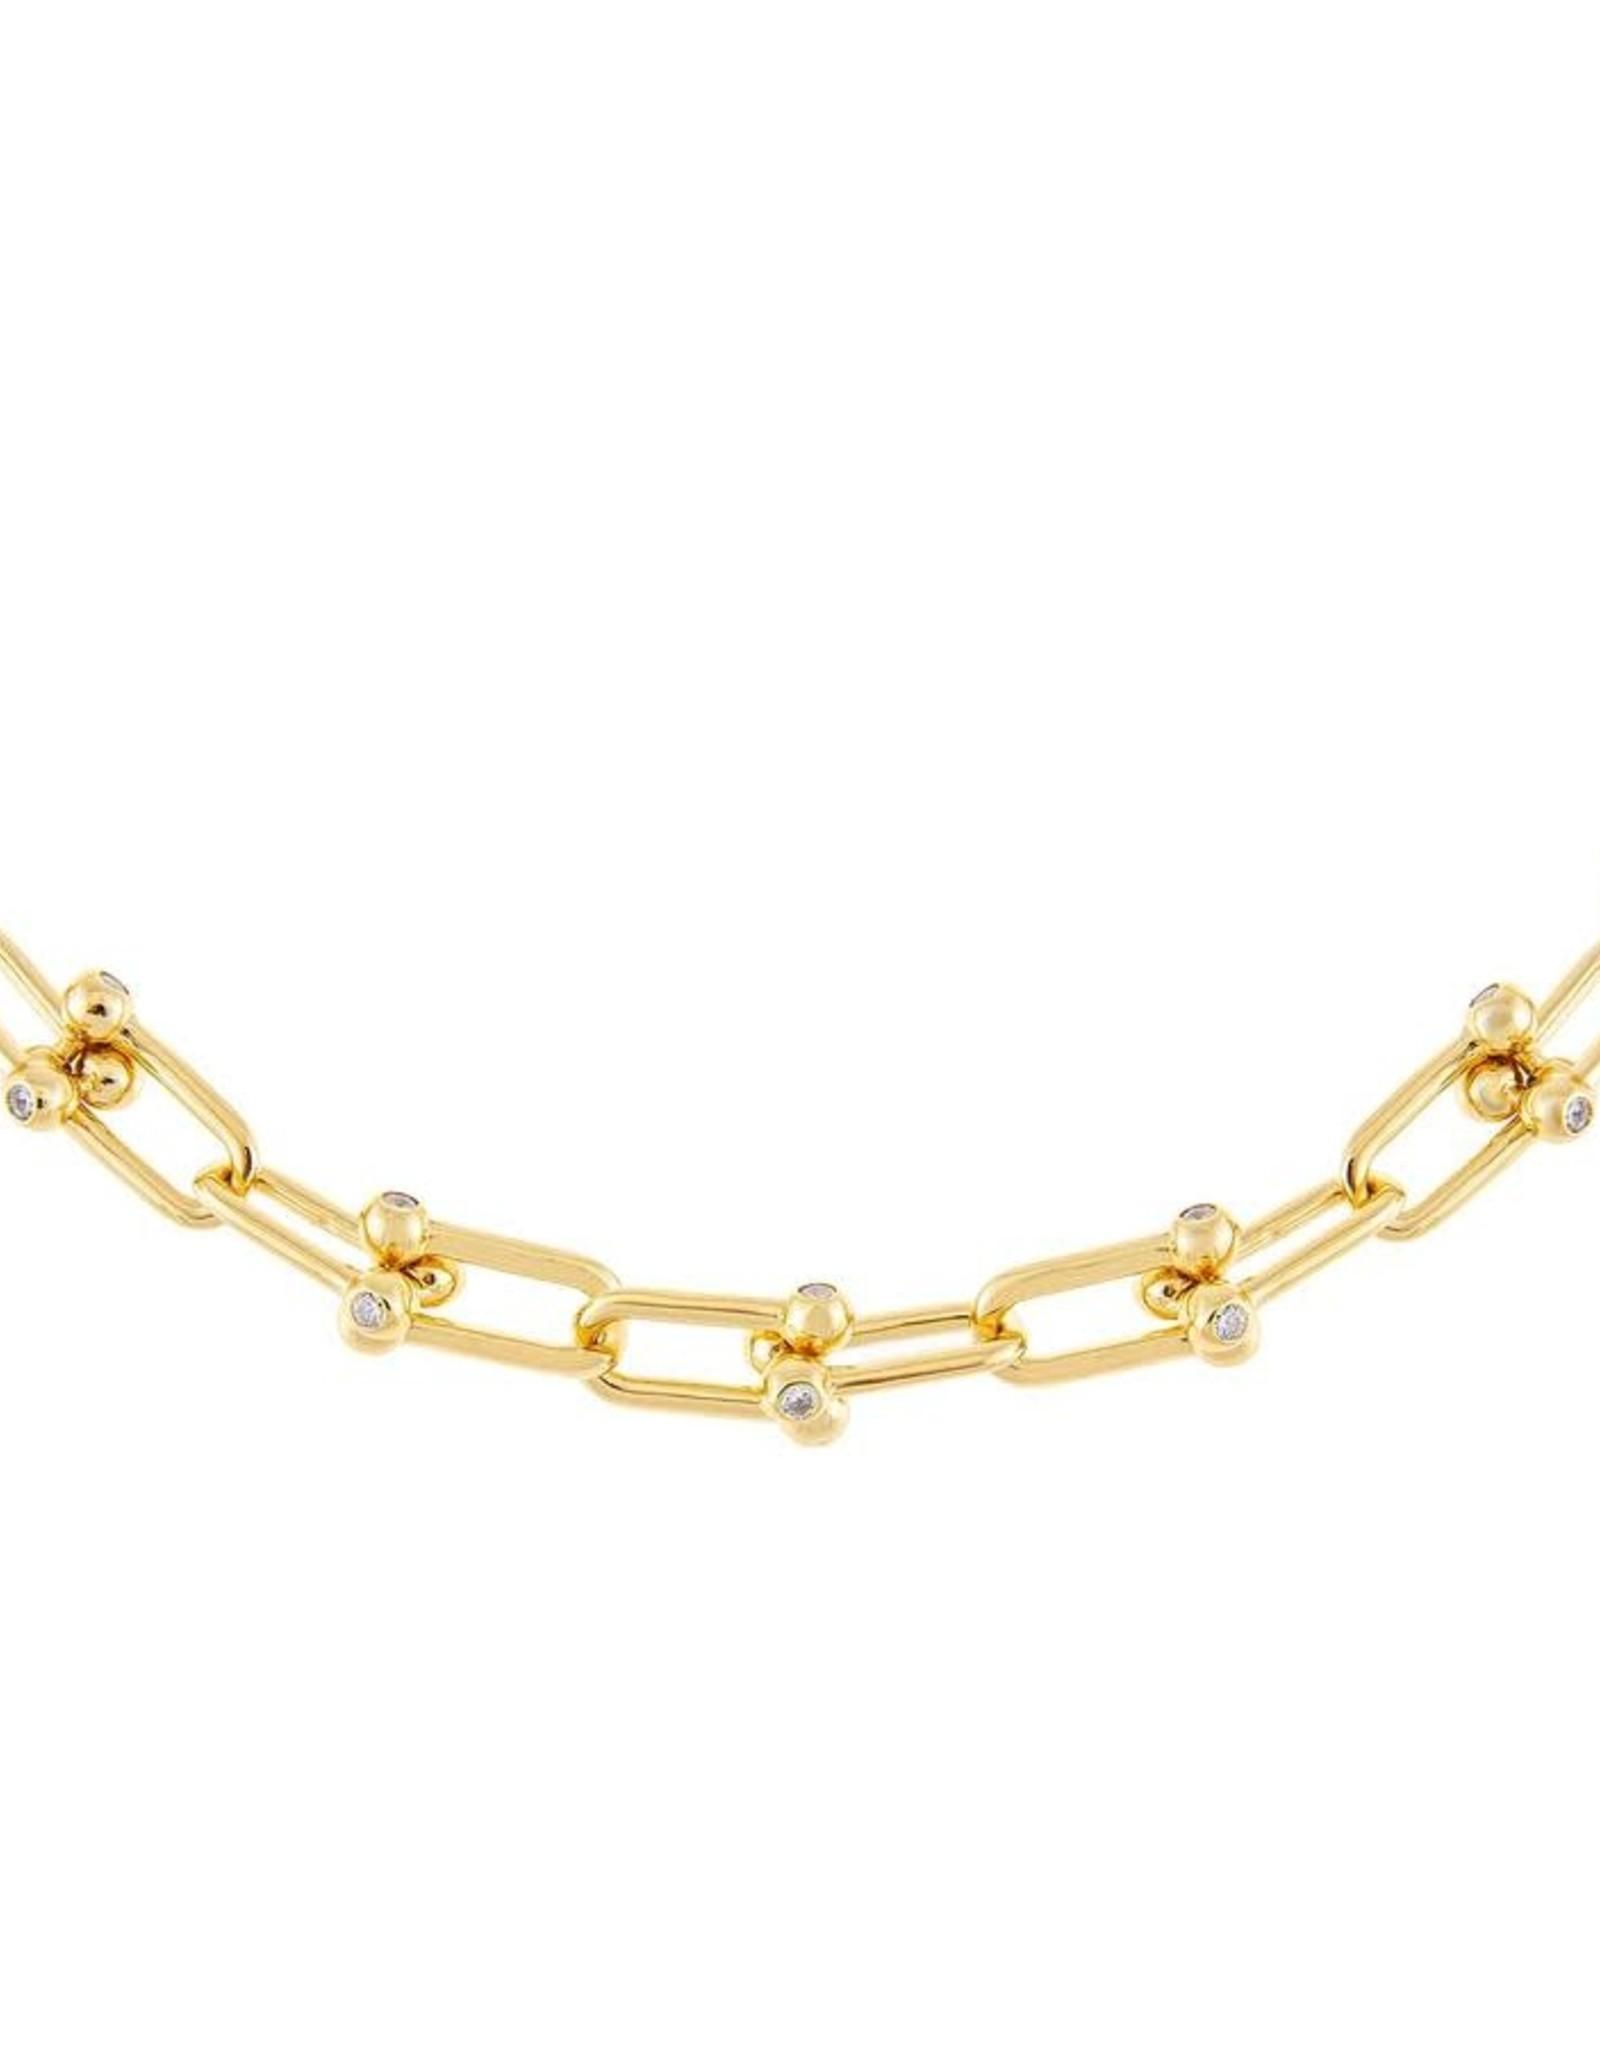 Adinas CZ U Chain Link Necklace